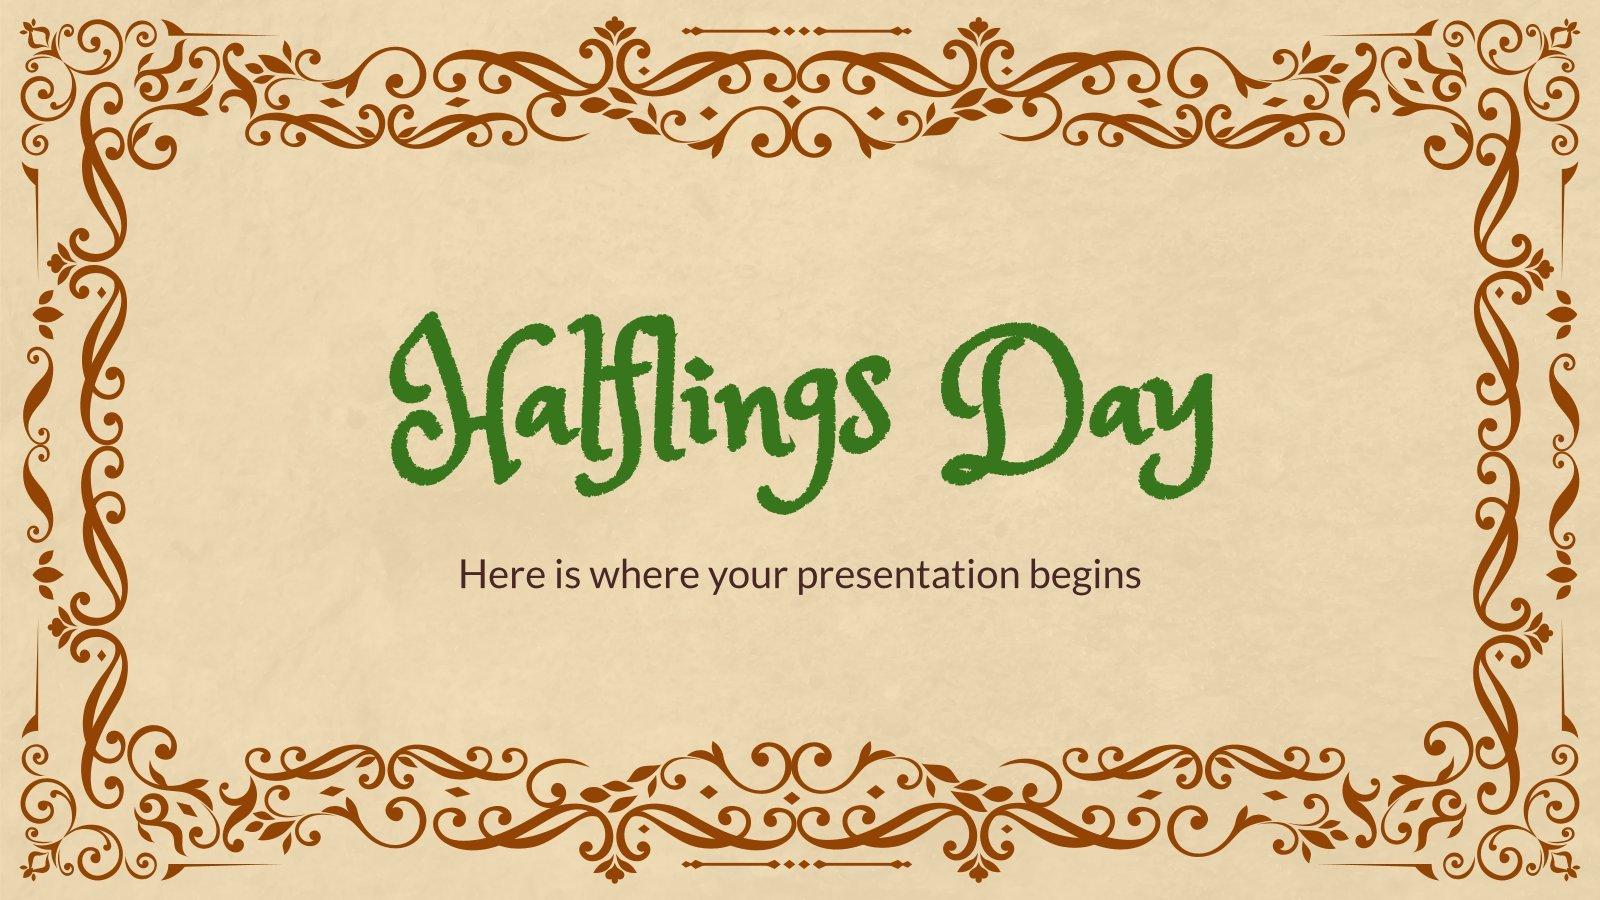 Journée des halfelins : Modèles de présentation